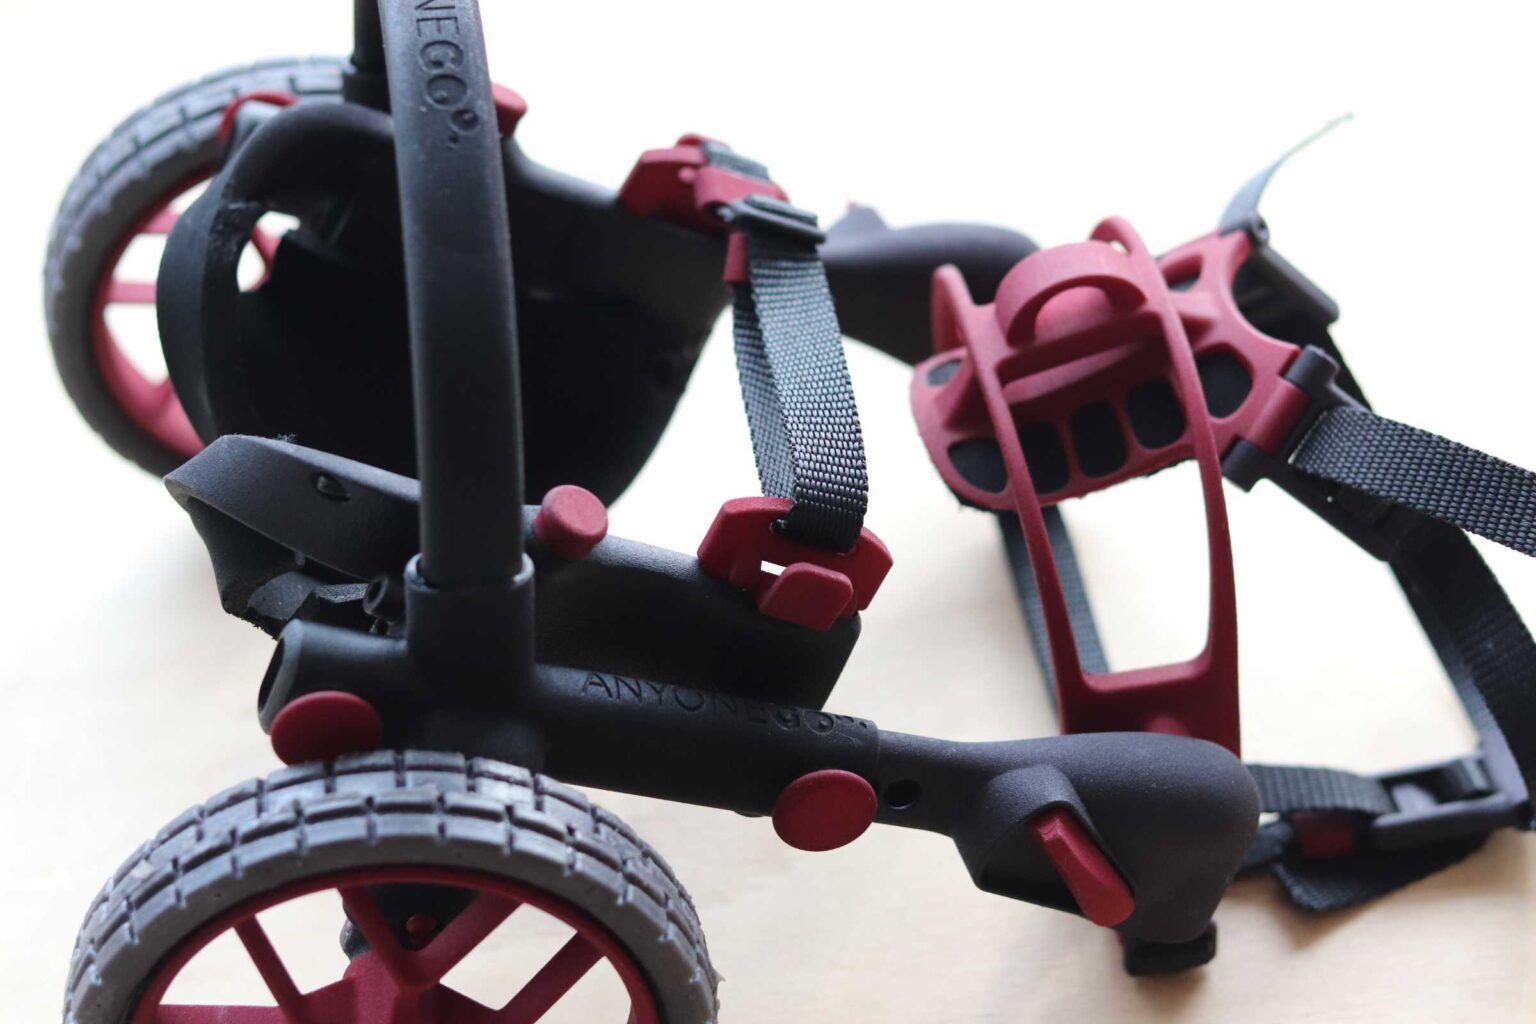 nano_anyonego_dog_wheelchair_03-1536x1024